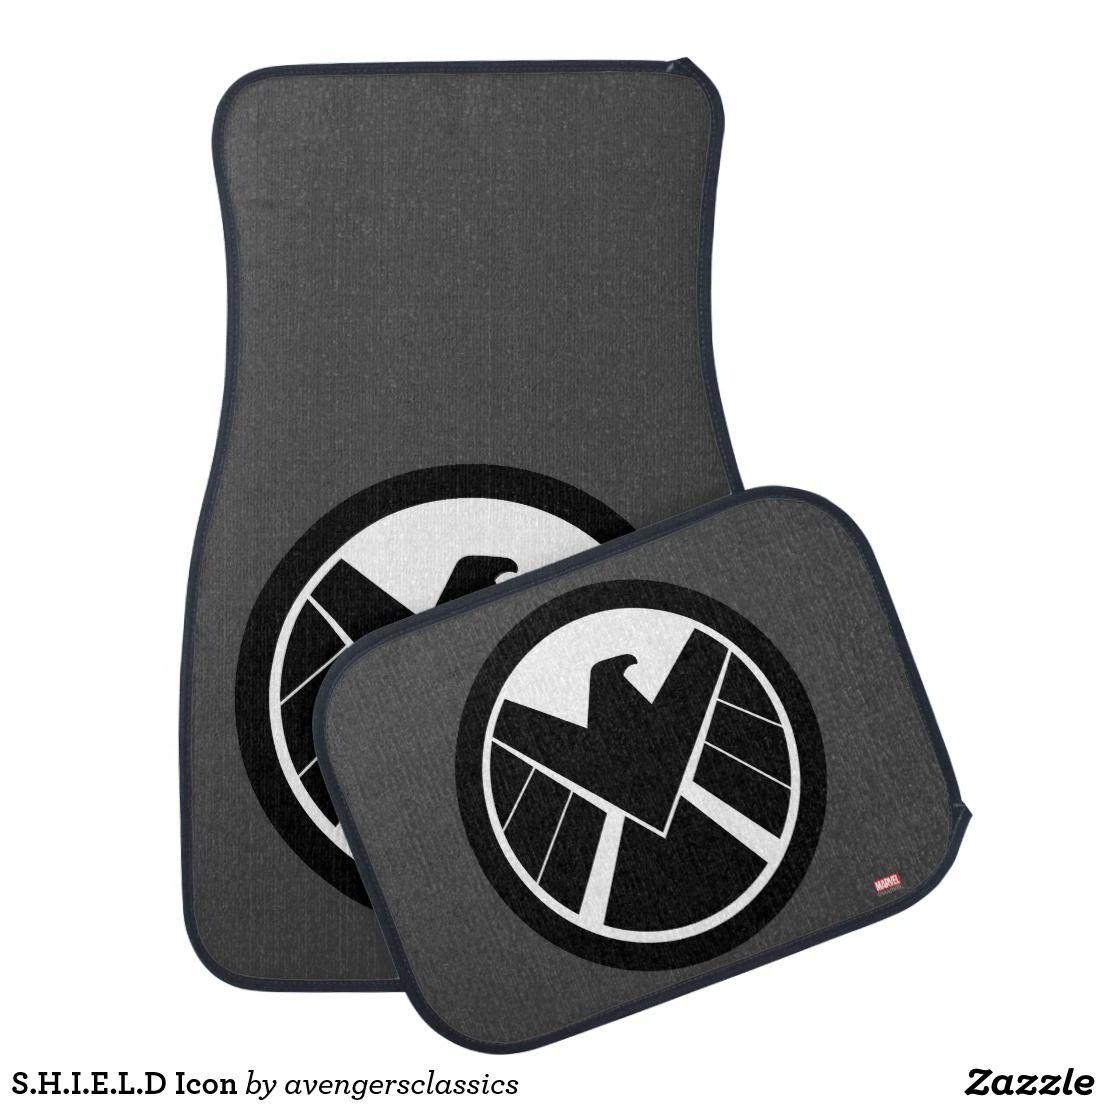 S.H.I.E.L.D Icon Car Mat Car icons, Shield